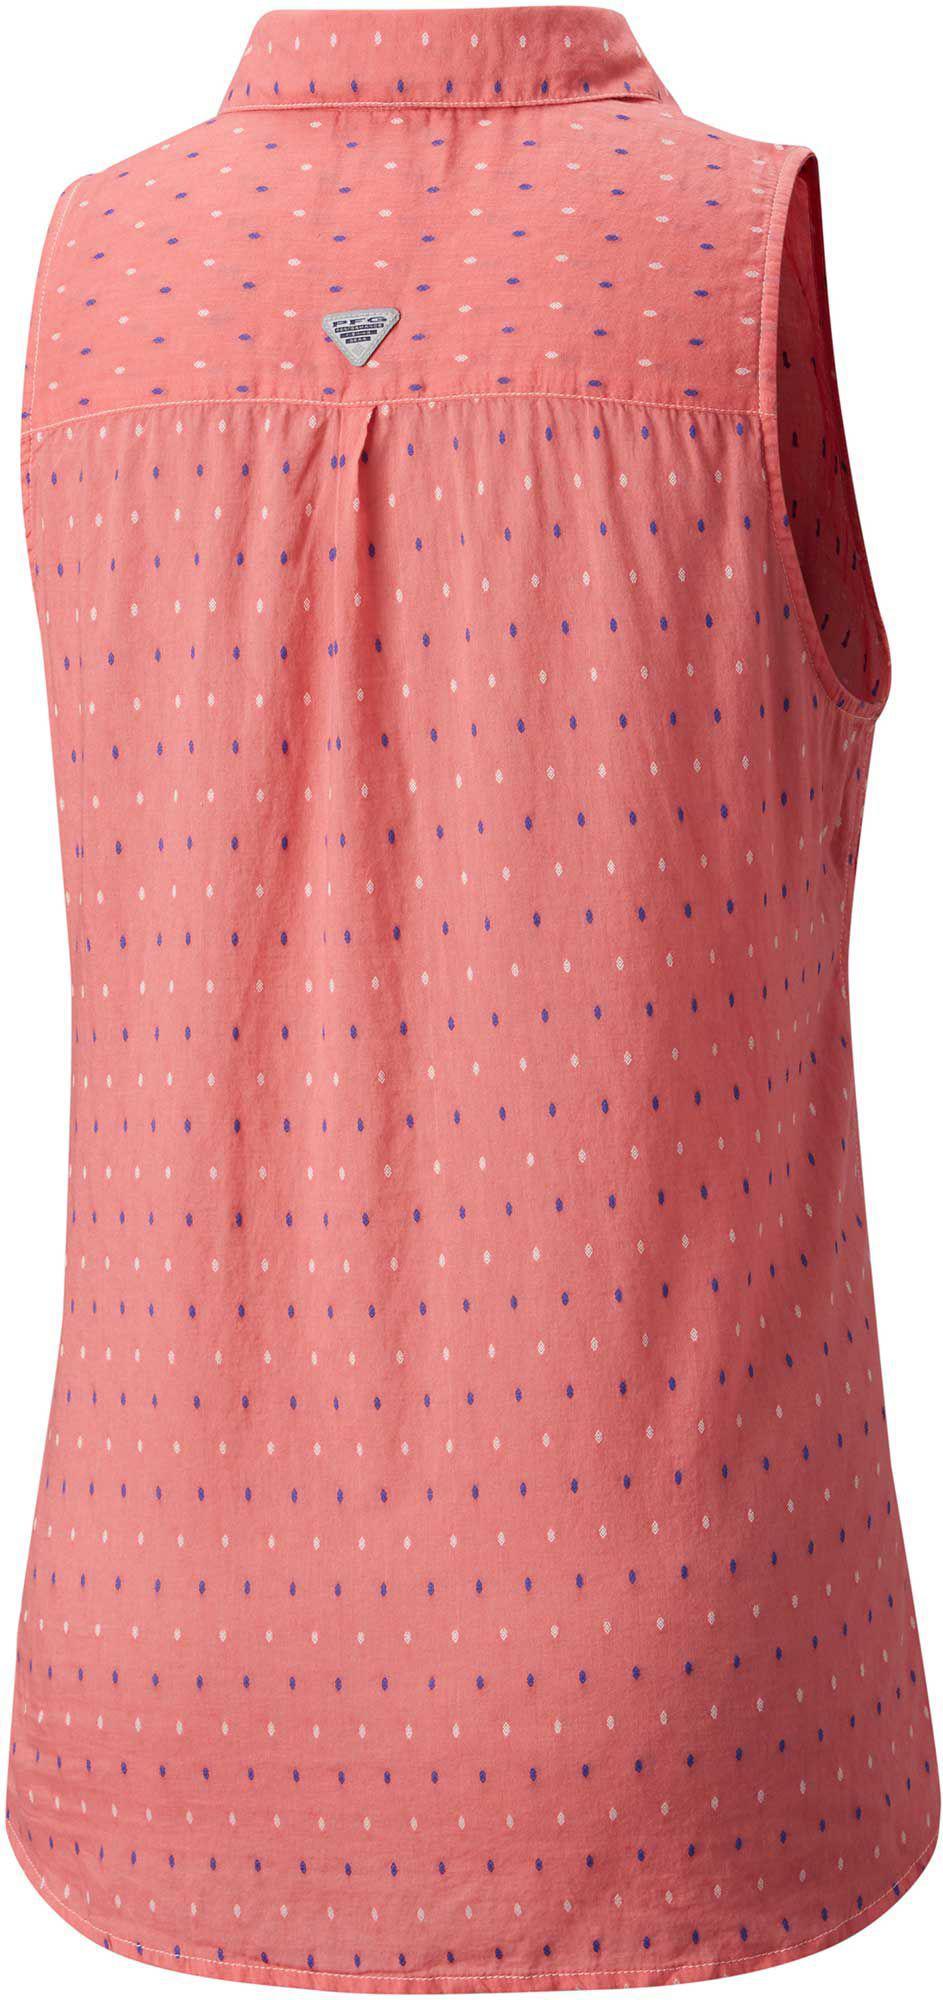 25b9e22d9d6920 Columbia - Pink Pfg Sun Drifter Sleeveless Shirt - Lyst. View fullscreen